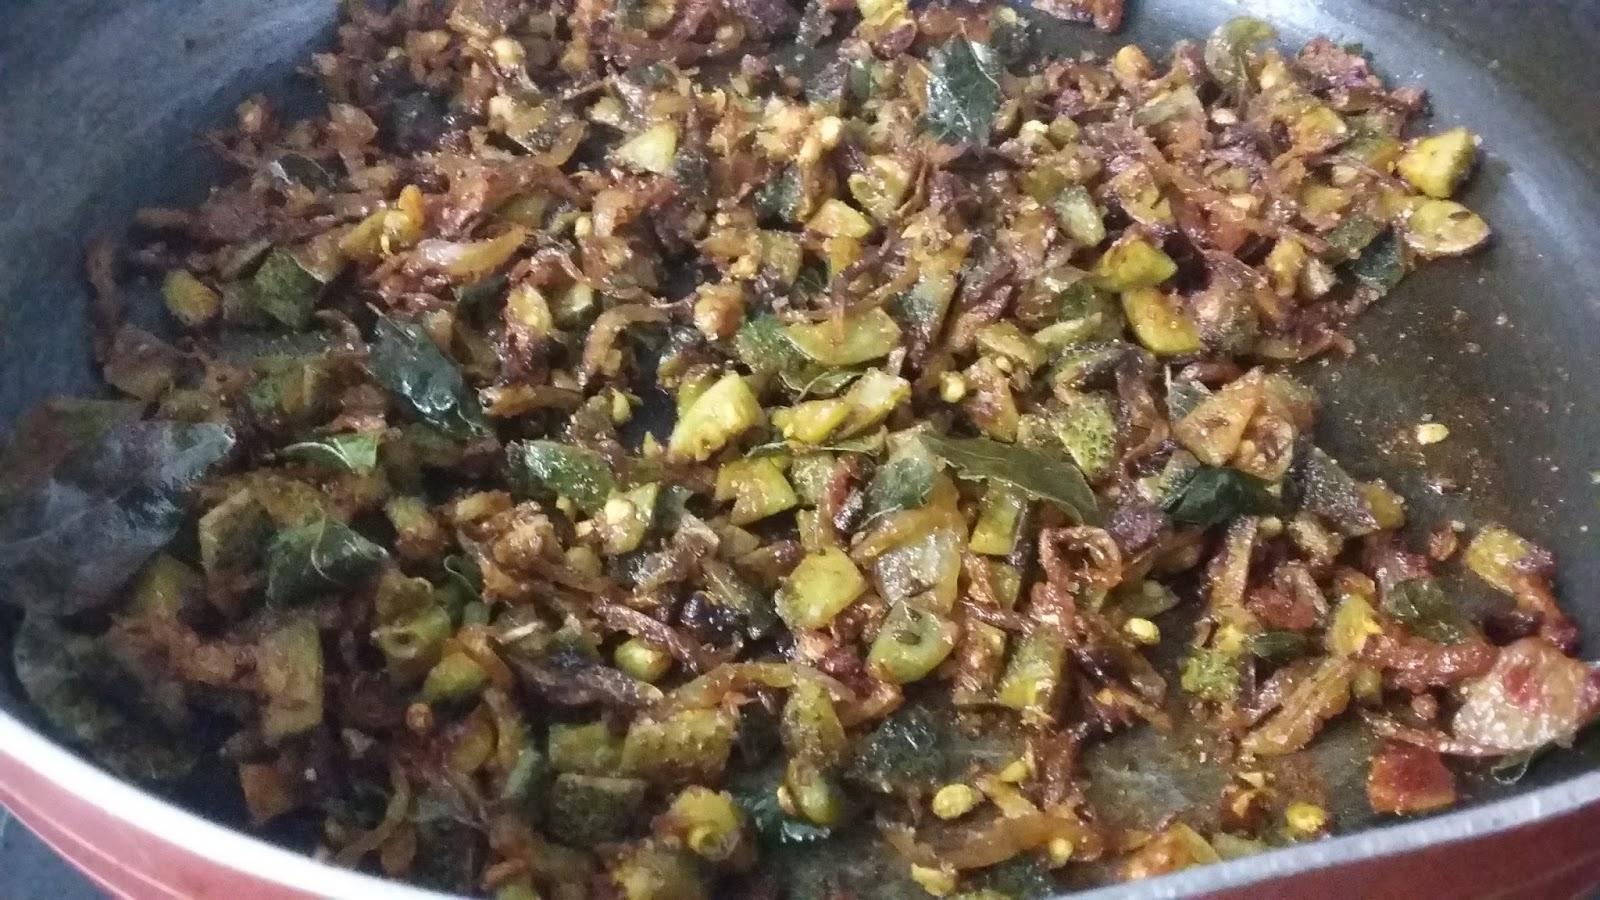 aakakarakaya fry or boda kakarakaya kura - aa kakarakaya